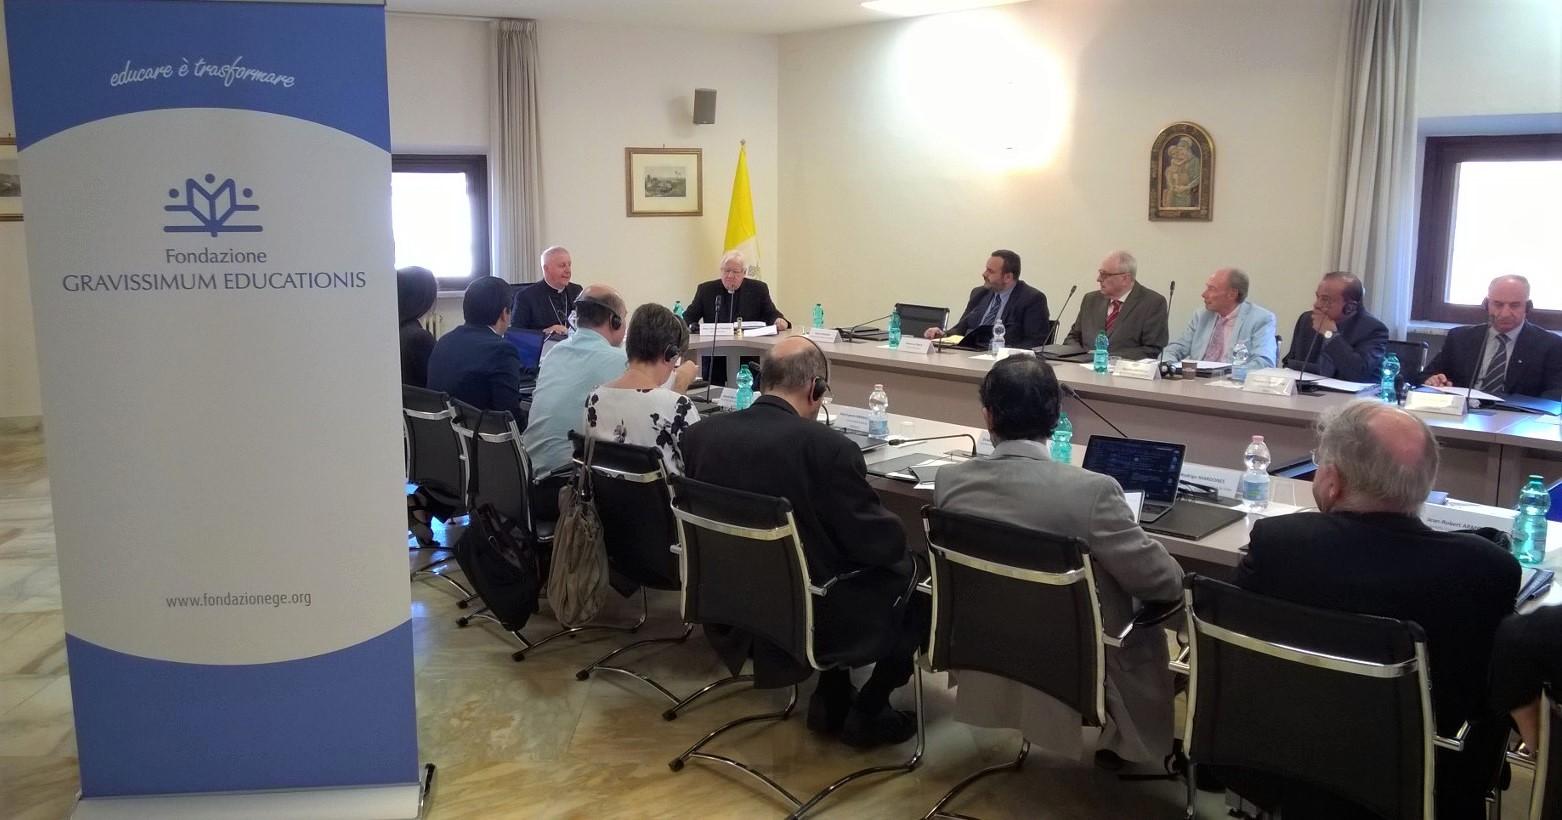 Fondazione GRAVISSIMUM EDUCATIONIS - Vatican, Caritas Pro Vitae Gradu Charitable Trust, Ariane Slinger